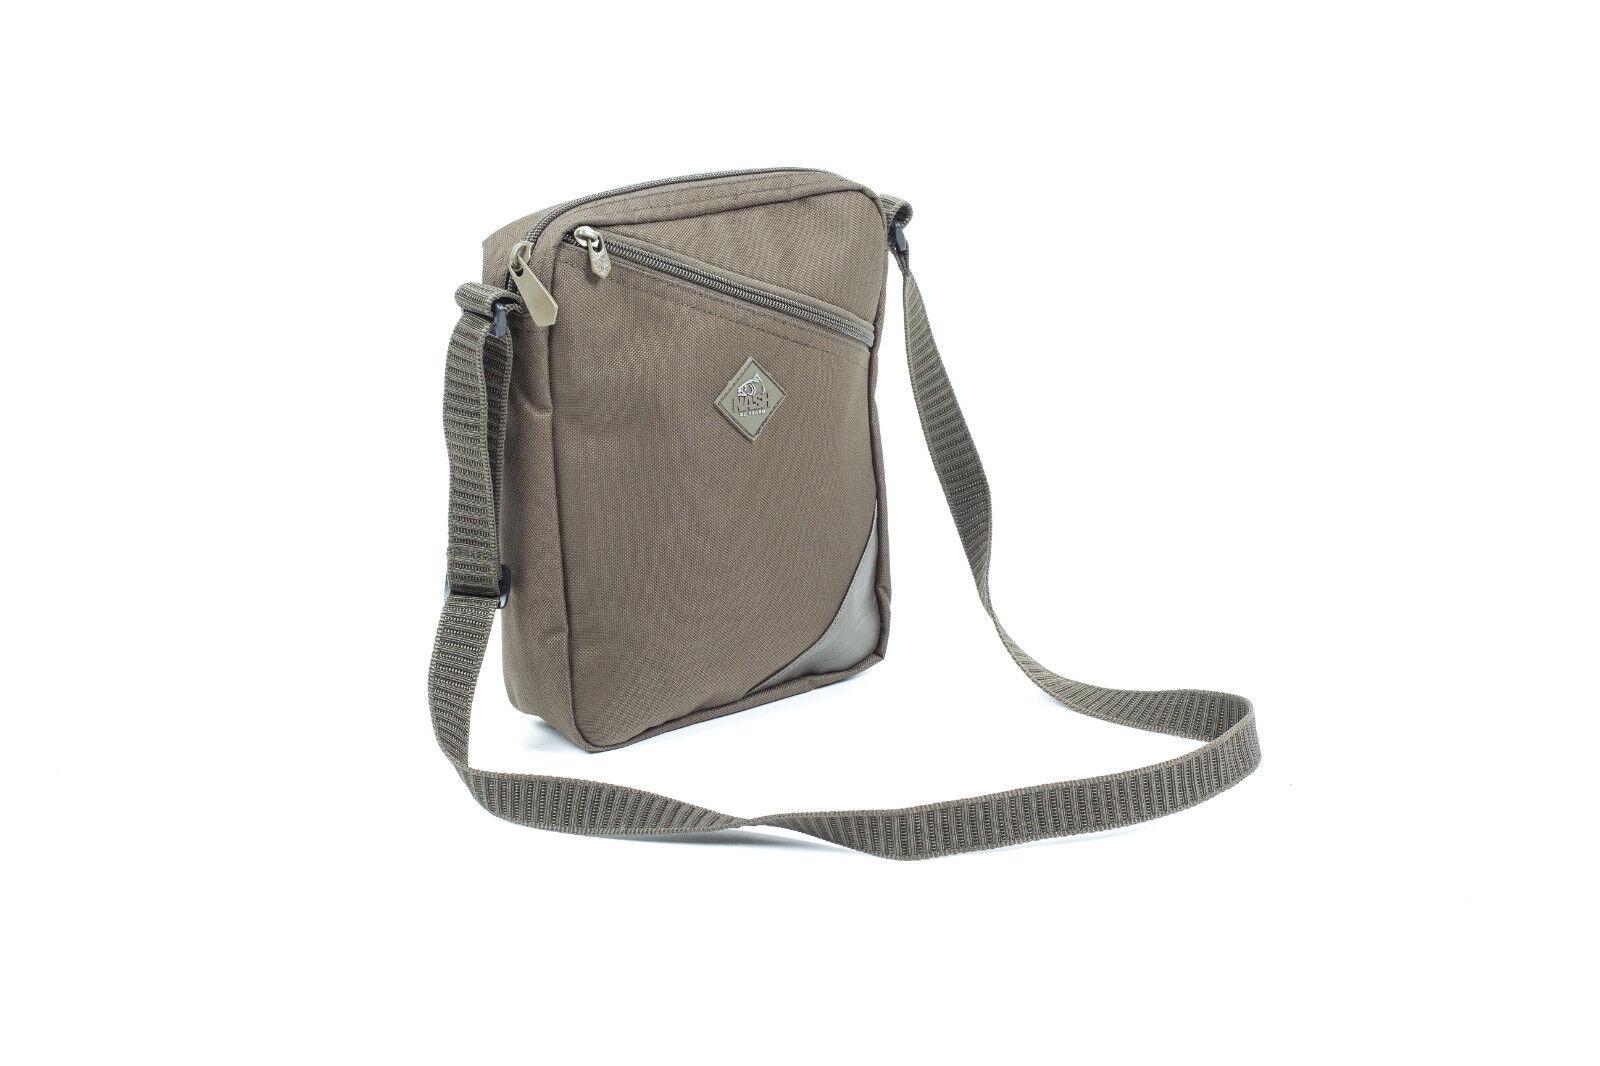 Nash Security Pouch Large T3372 Tasche Bag Angeltasche Zubehörtasche